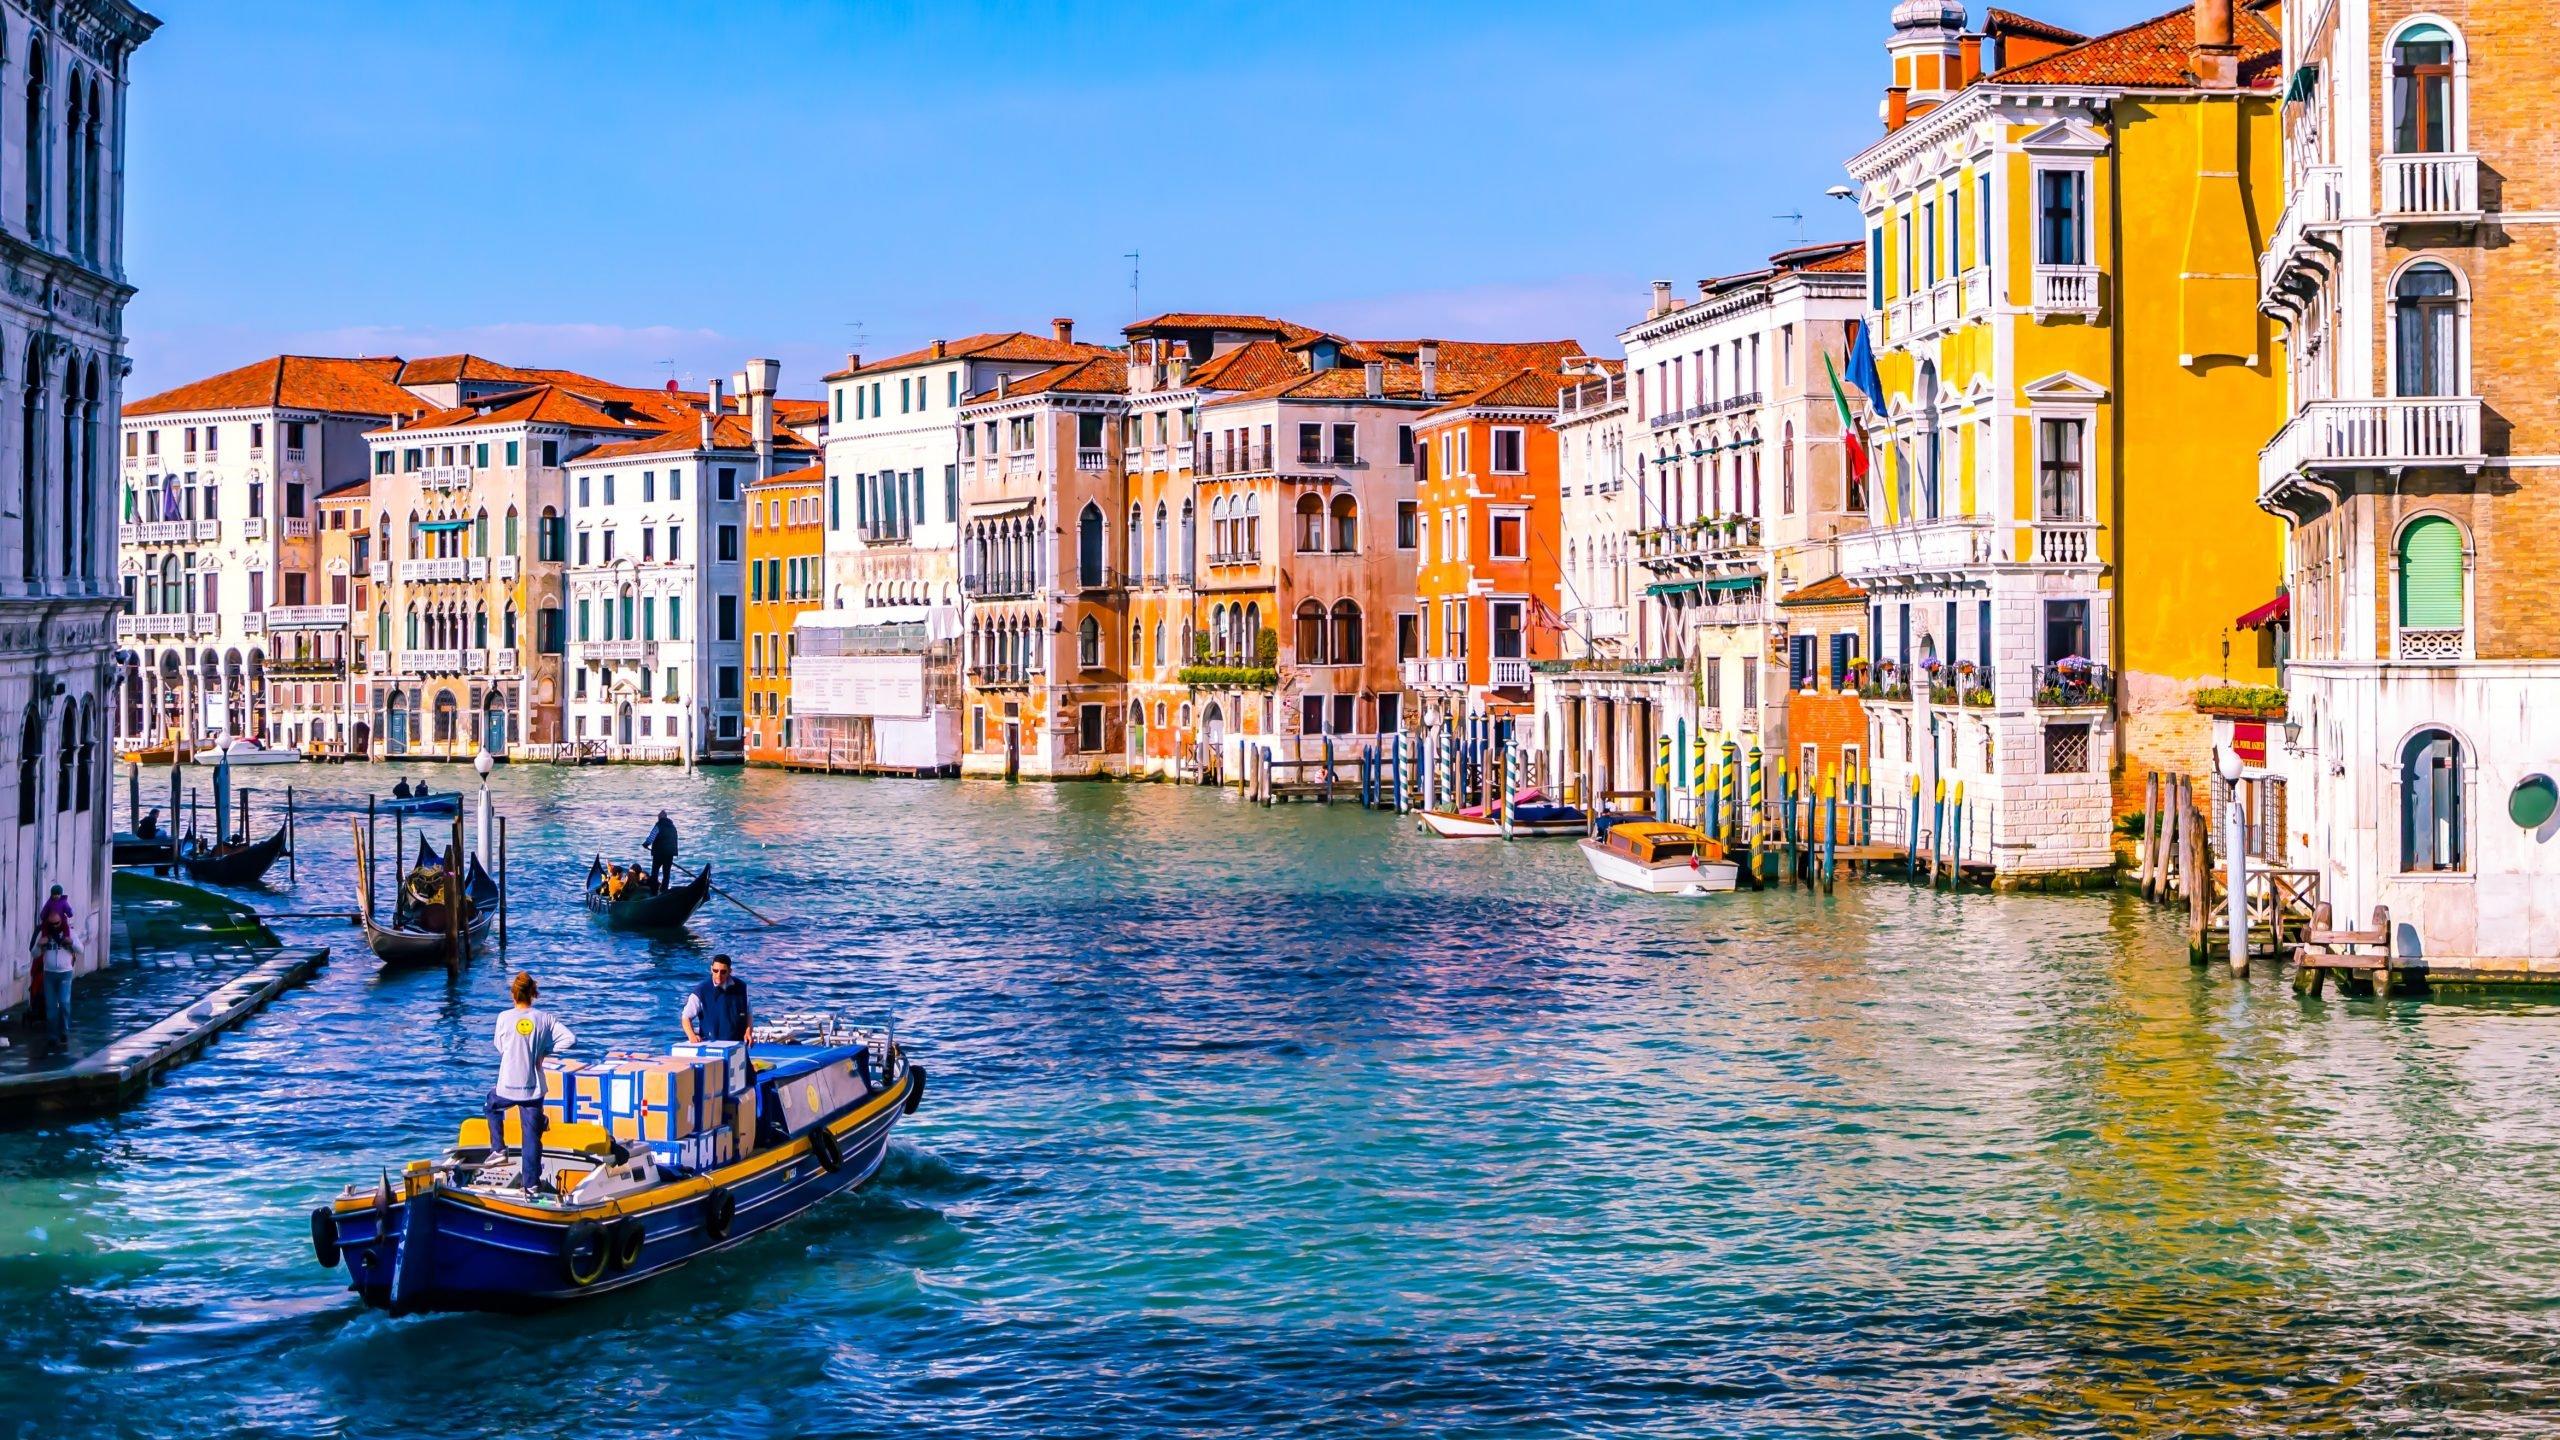 مدينة البندقية في إيطاليا - أرشيفية